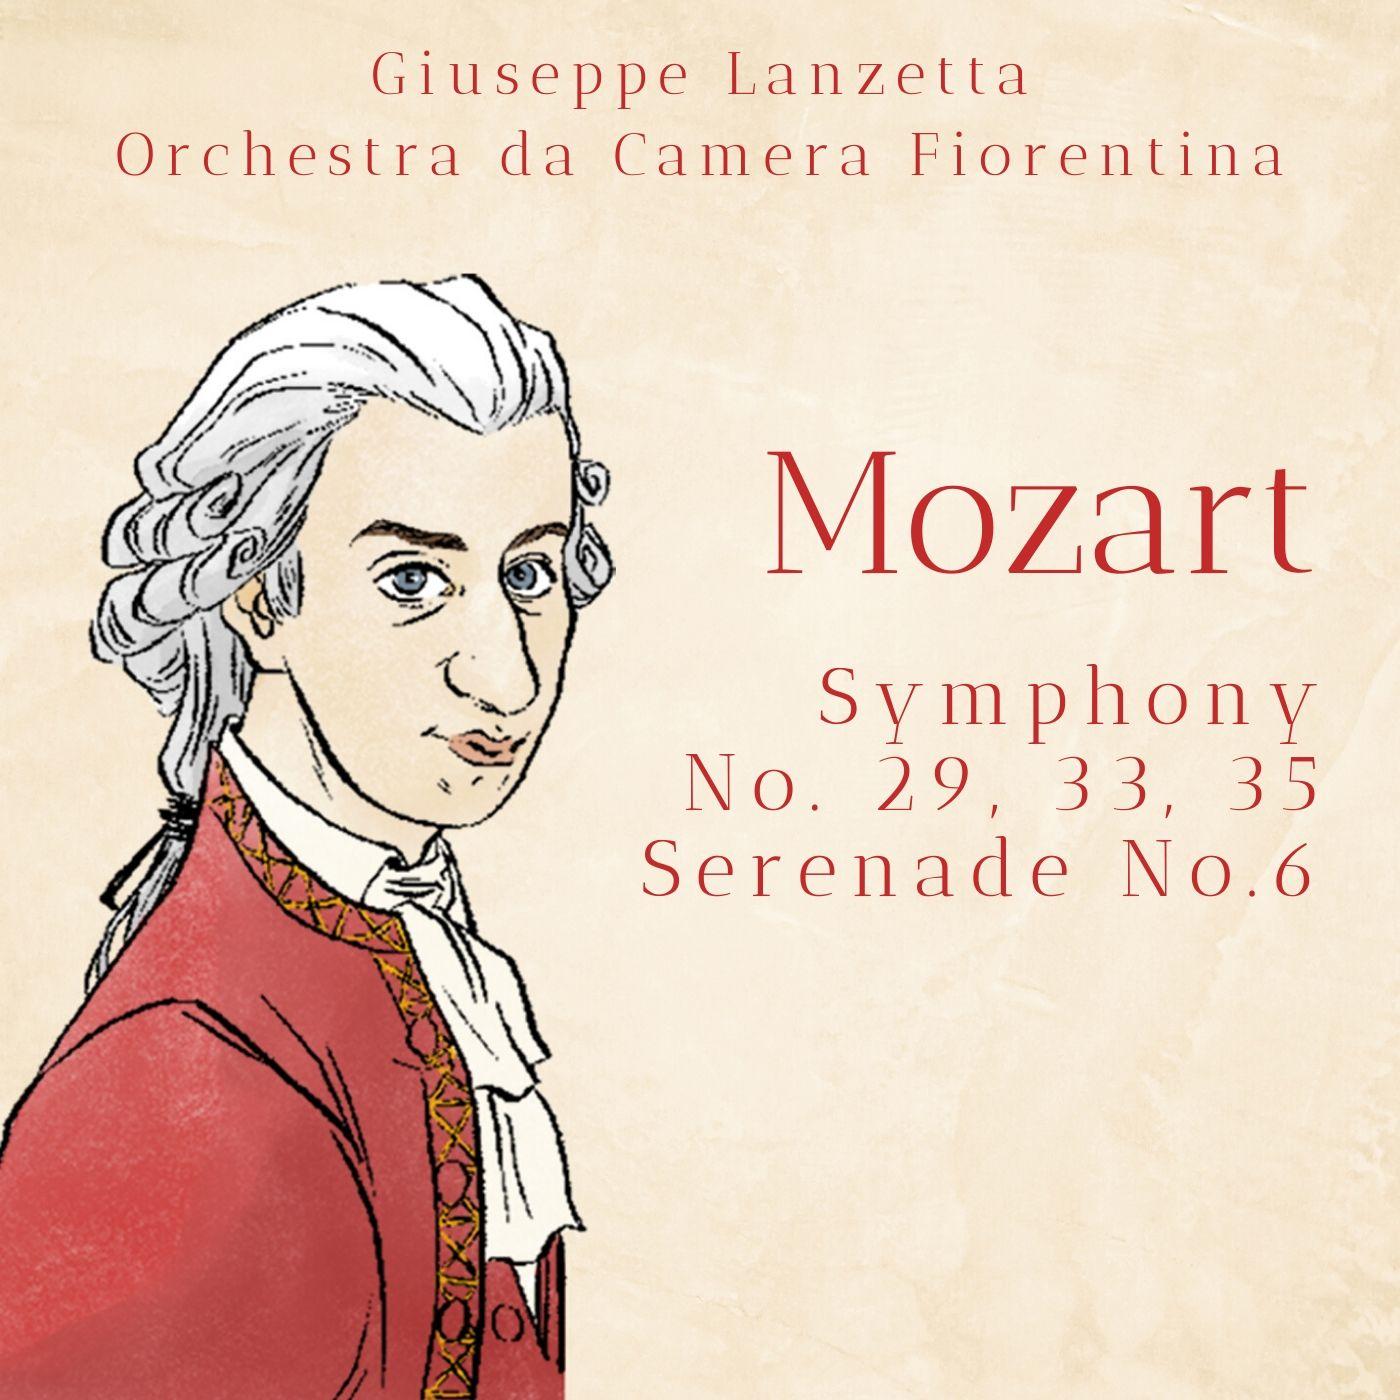 Mozart: Symphony No. 29, 33, 35 & Serenade No. 6